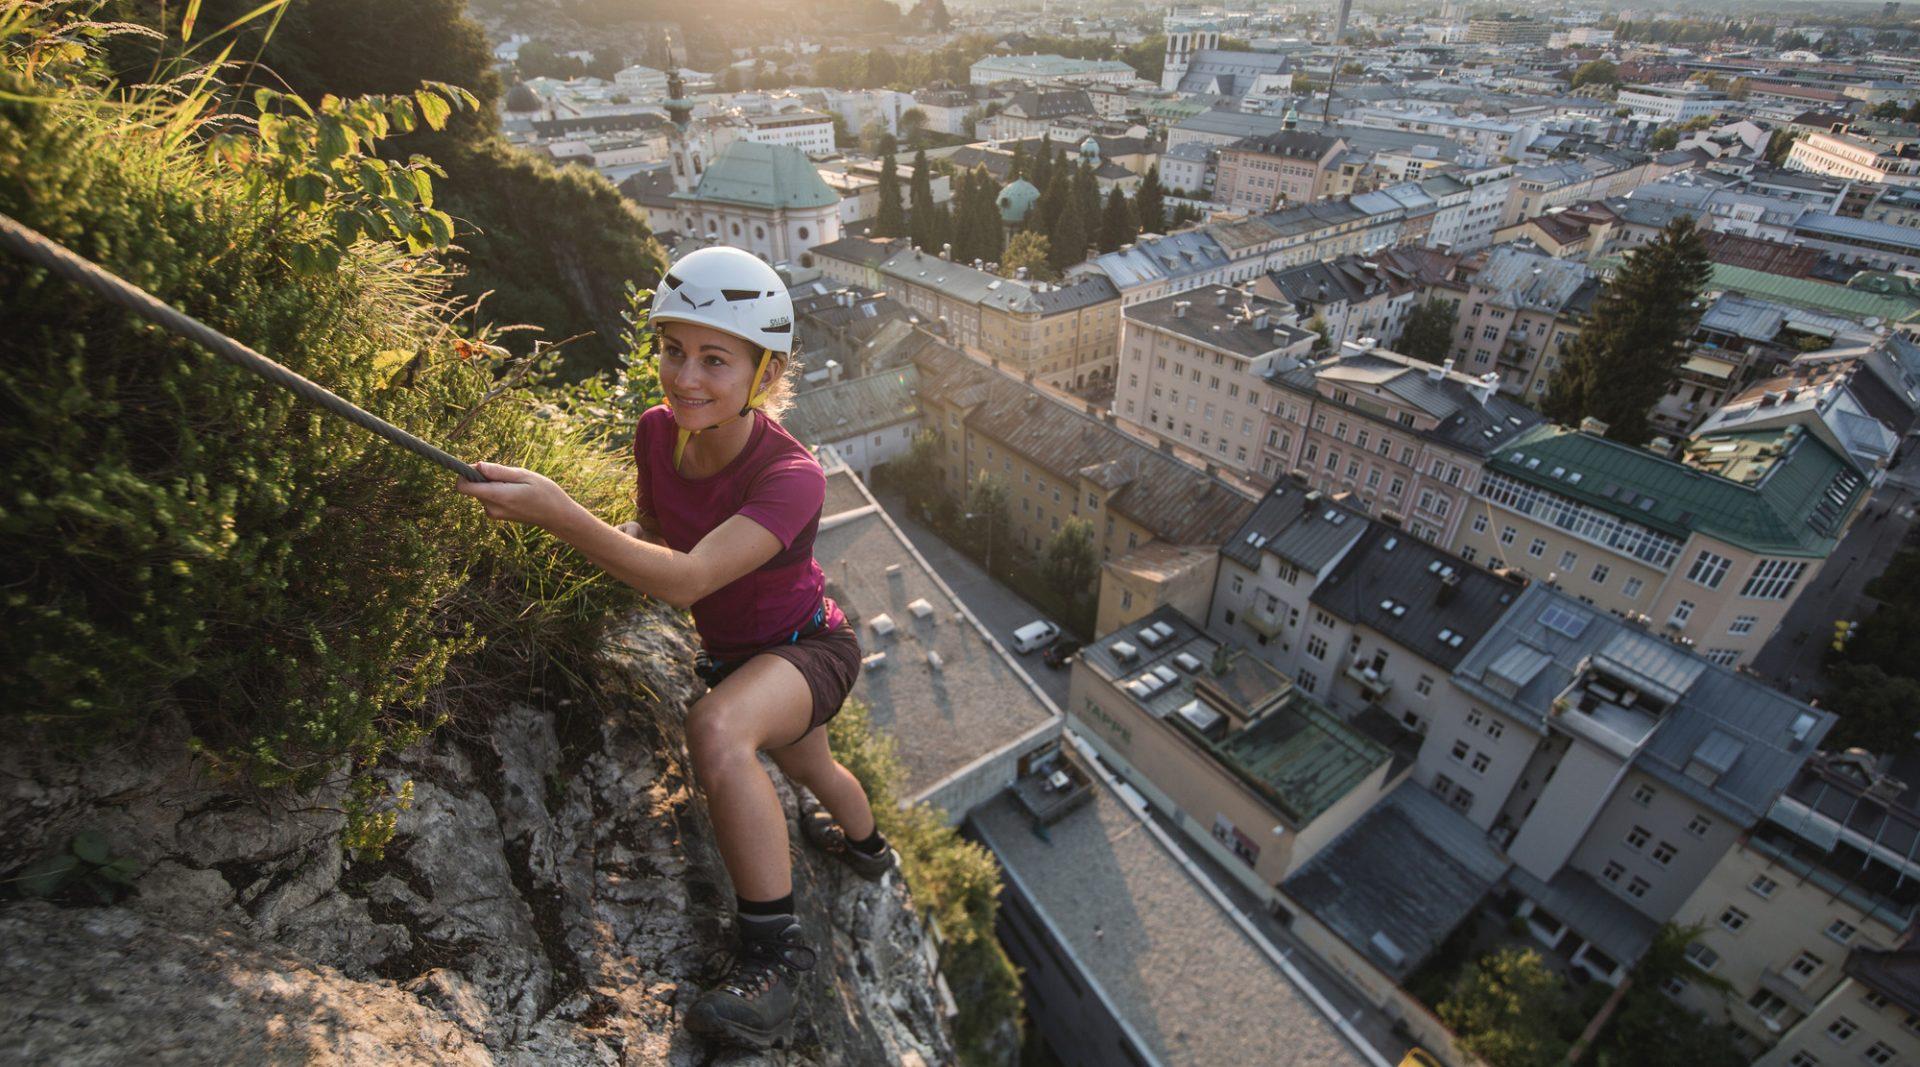 Frau klettert im Sonnenuntergang hoch über den Dächern der Stadt Salzburg am Klettersteig 'City Wall'.